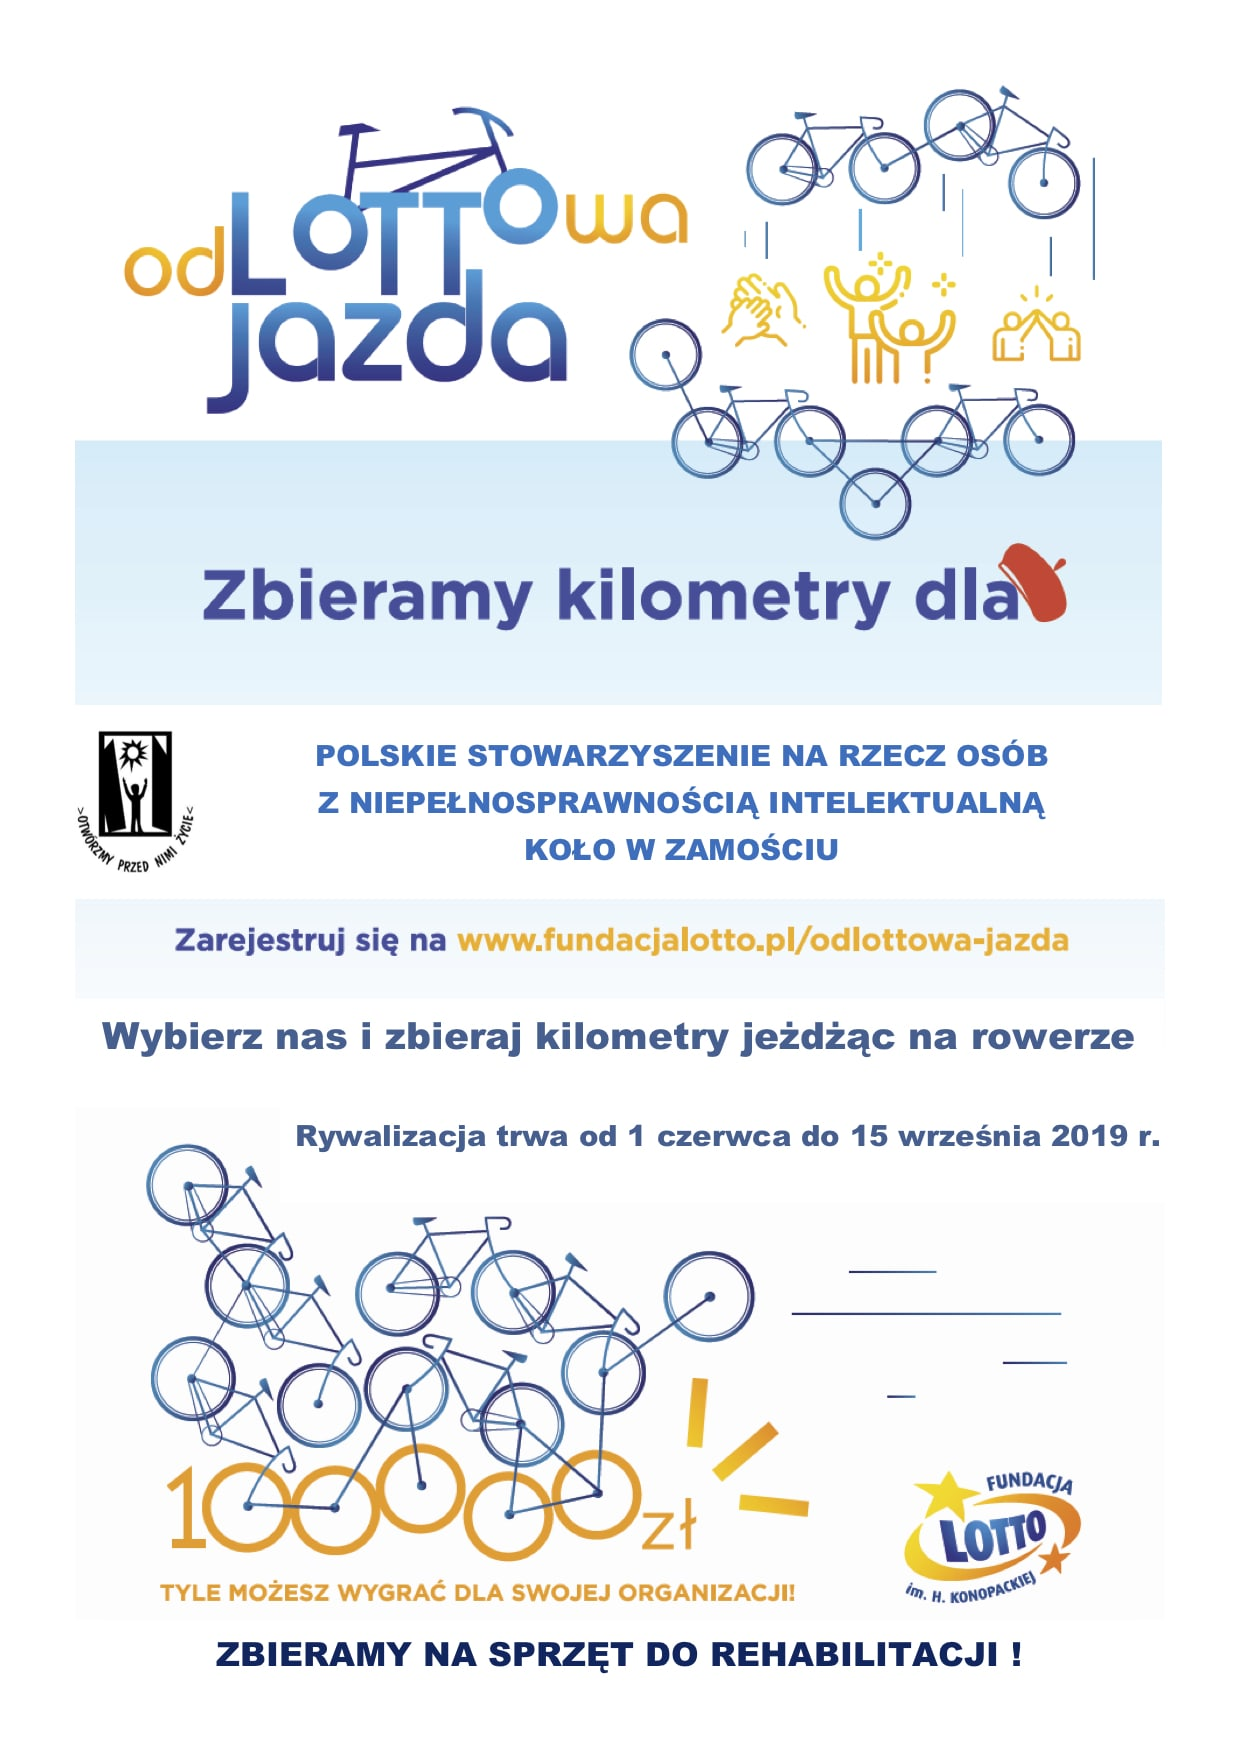 odlottowa jazda plakat odLOTTOwa JAZDA W ZAMOŚCIU - na rowerze zawalcz o lepsze jutro Osób z Niepełnosprawnością Intelektualną